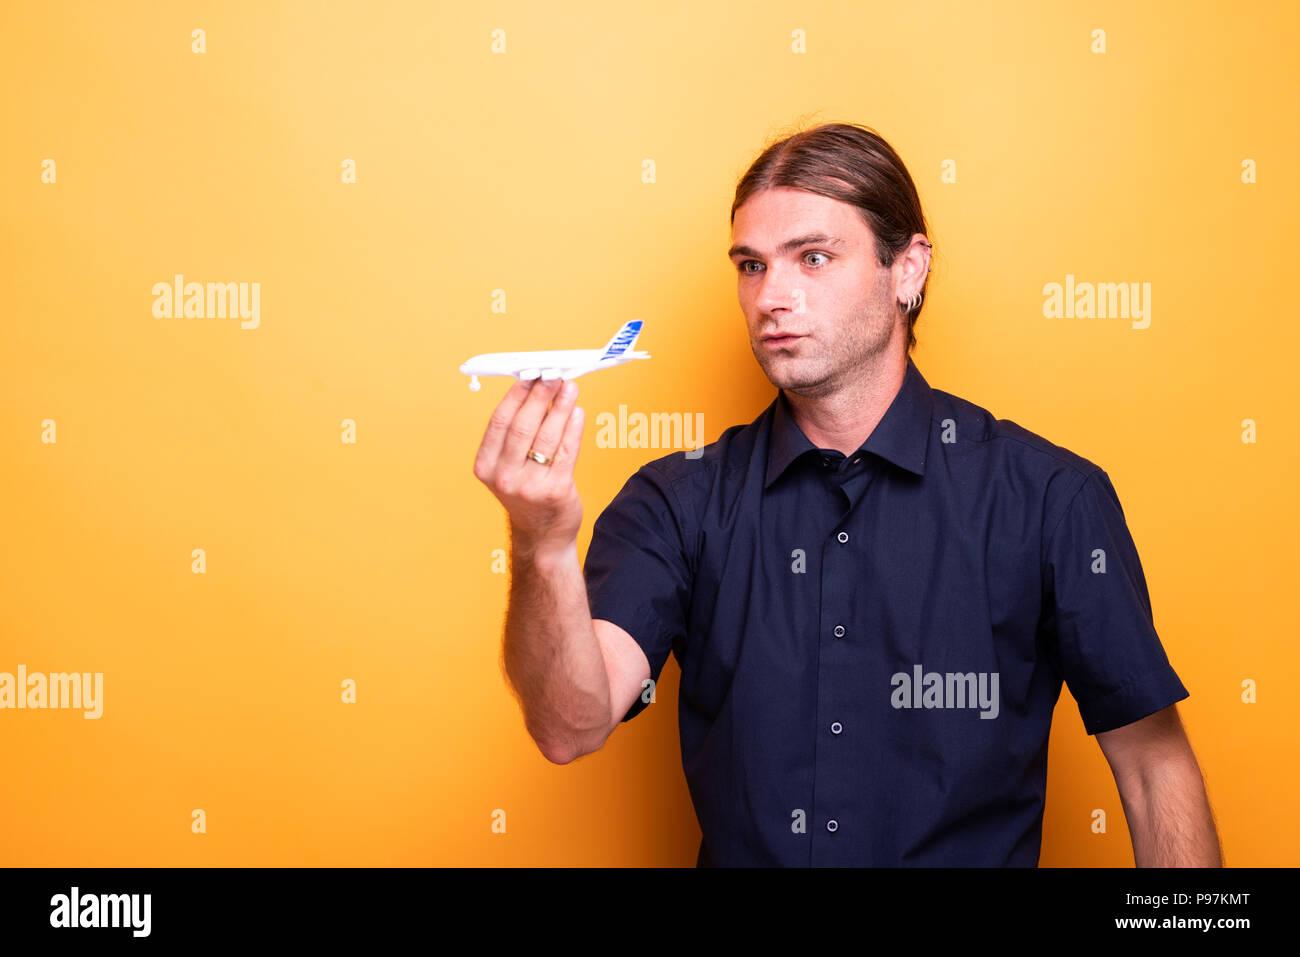 Mann spielen mit Spielzeug Flugzeug Stockbild